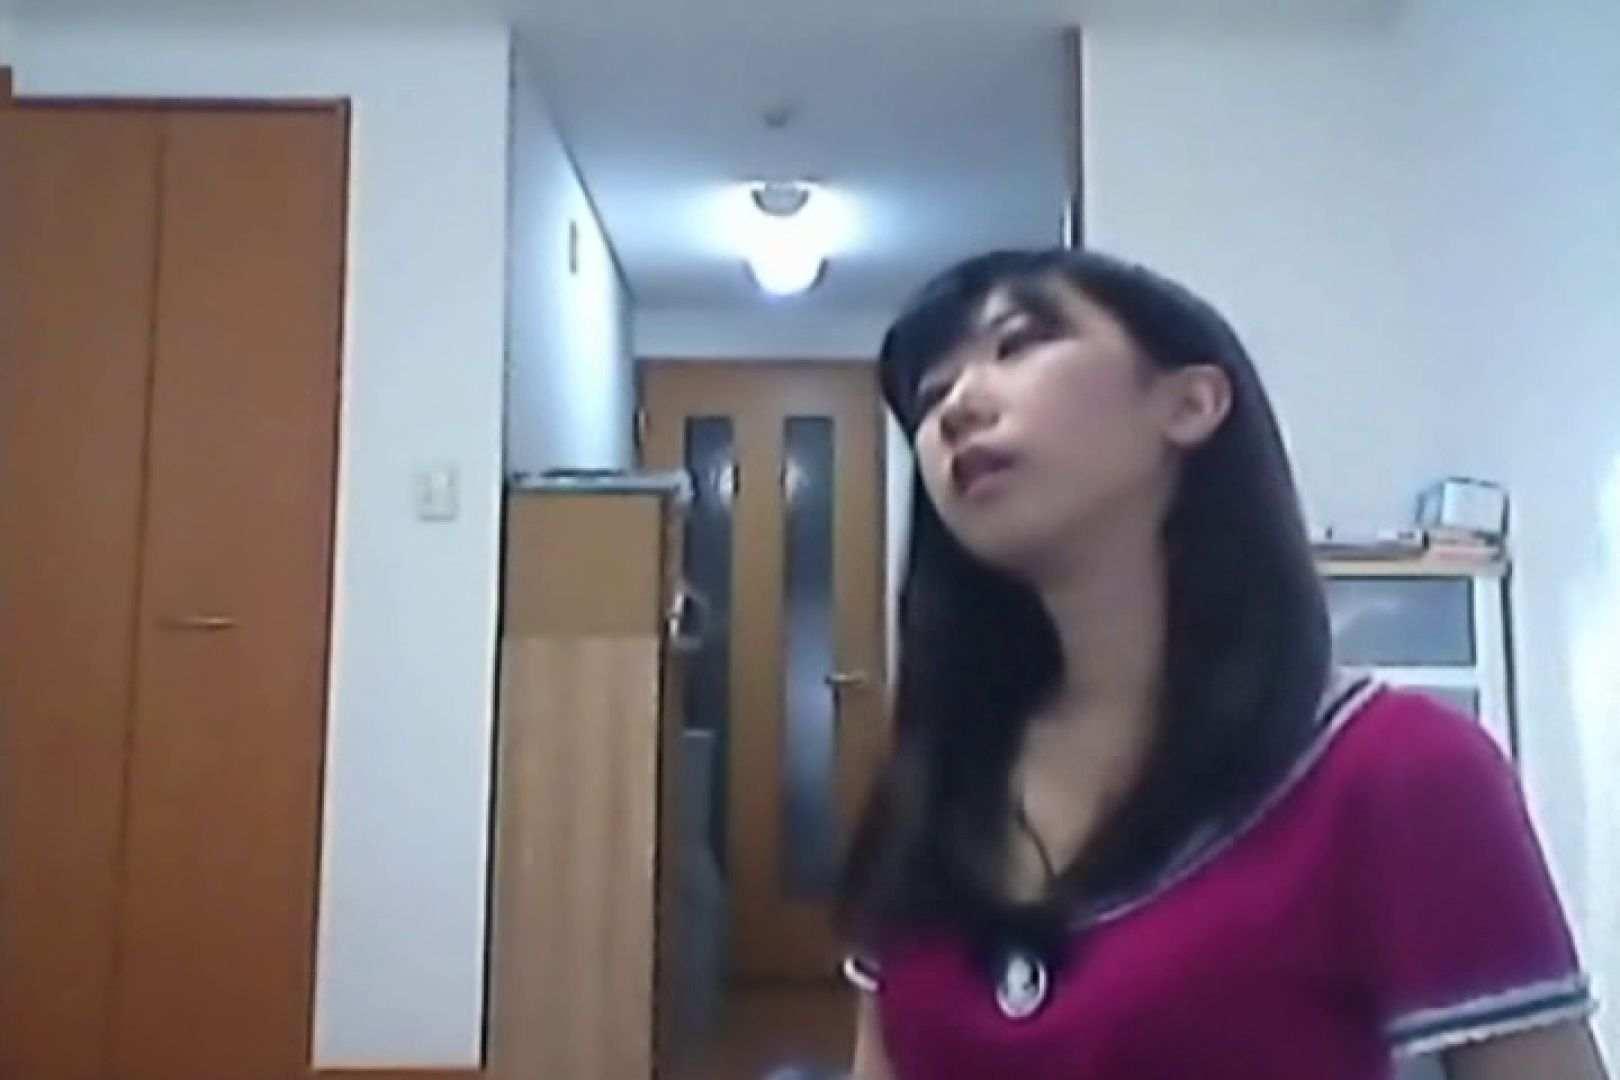 電魔王さんの「盗撮の部屋」No.27 亜矢子 盗撮 | 綺麗なおっぱい  54pic 1